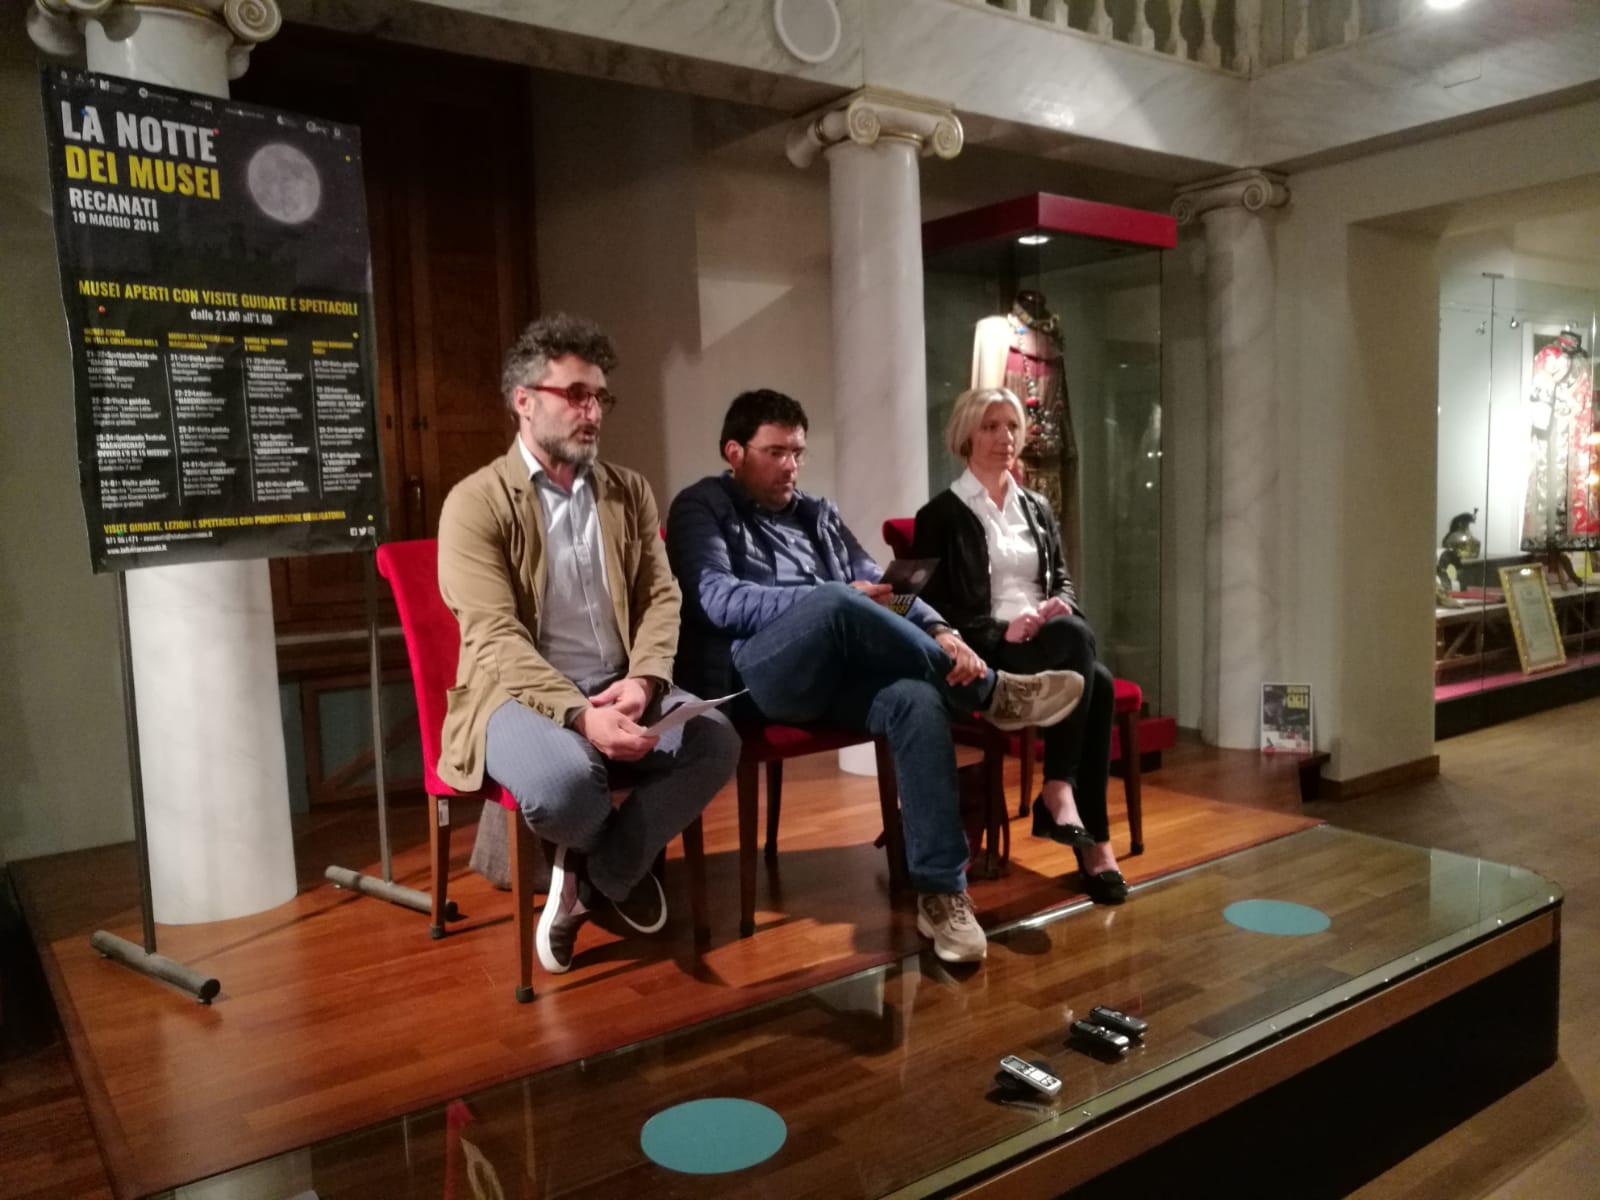 Cultura: sabato torna la Notte dei Musei, ingresso a 1 euro